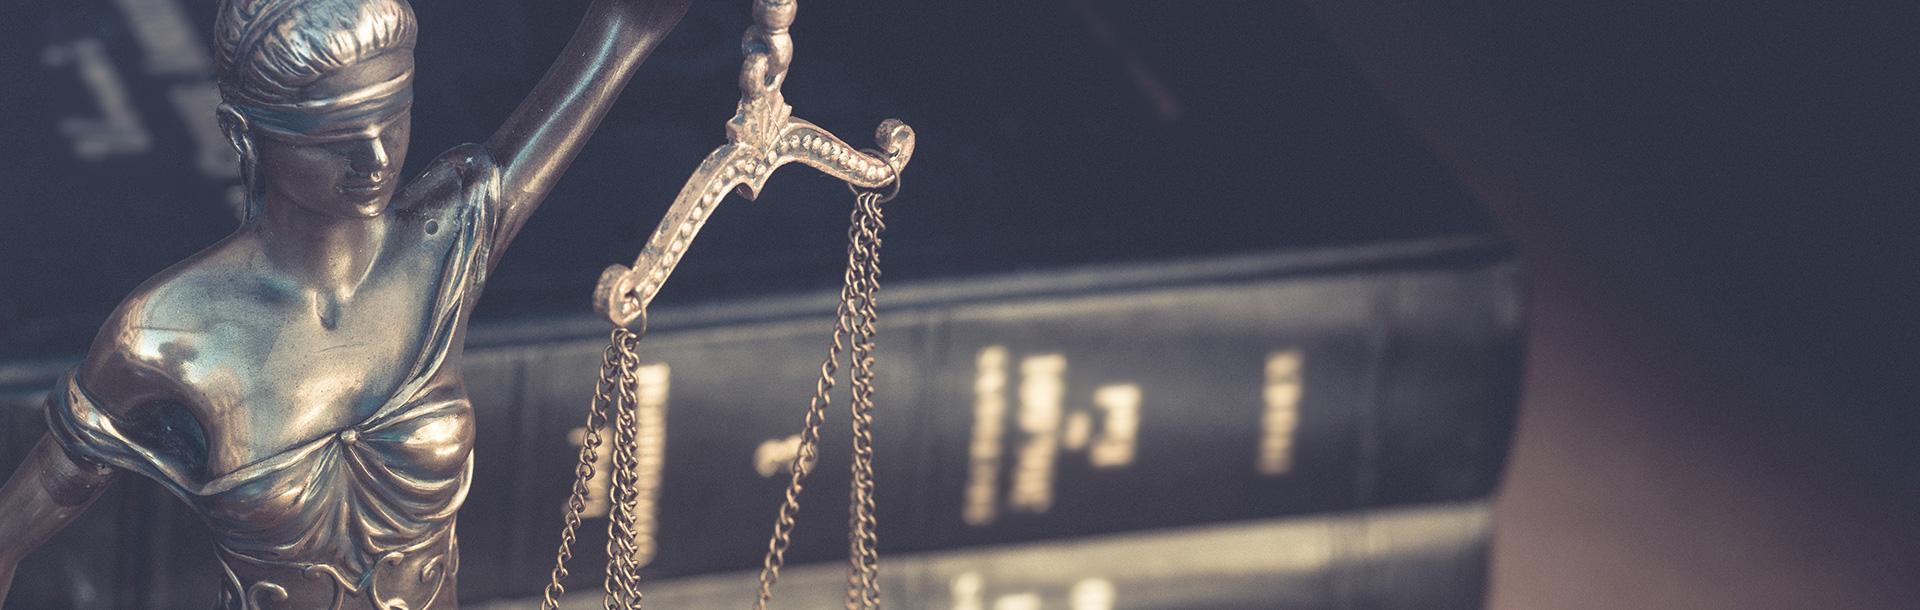 William E. Mandry Law Offices P. C.